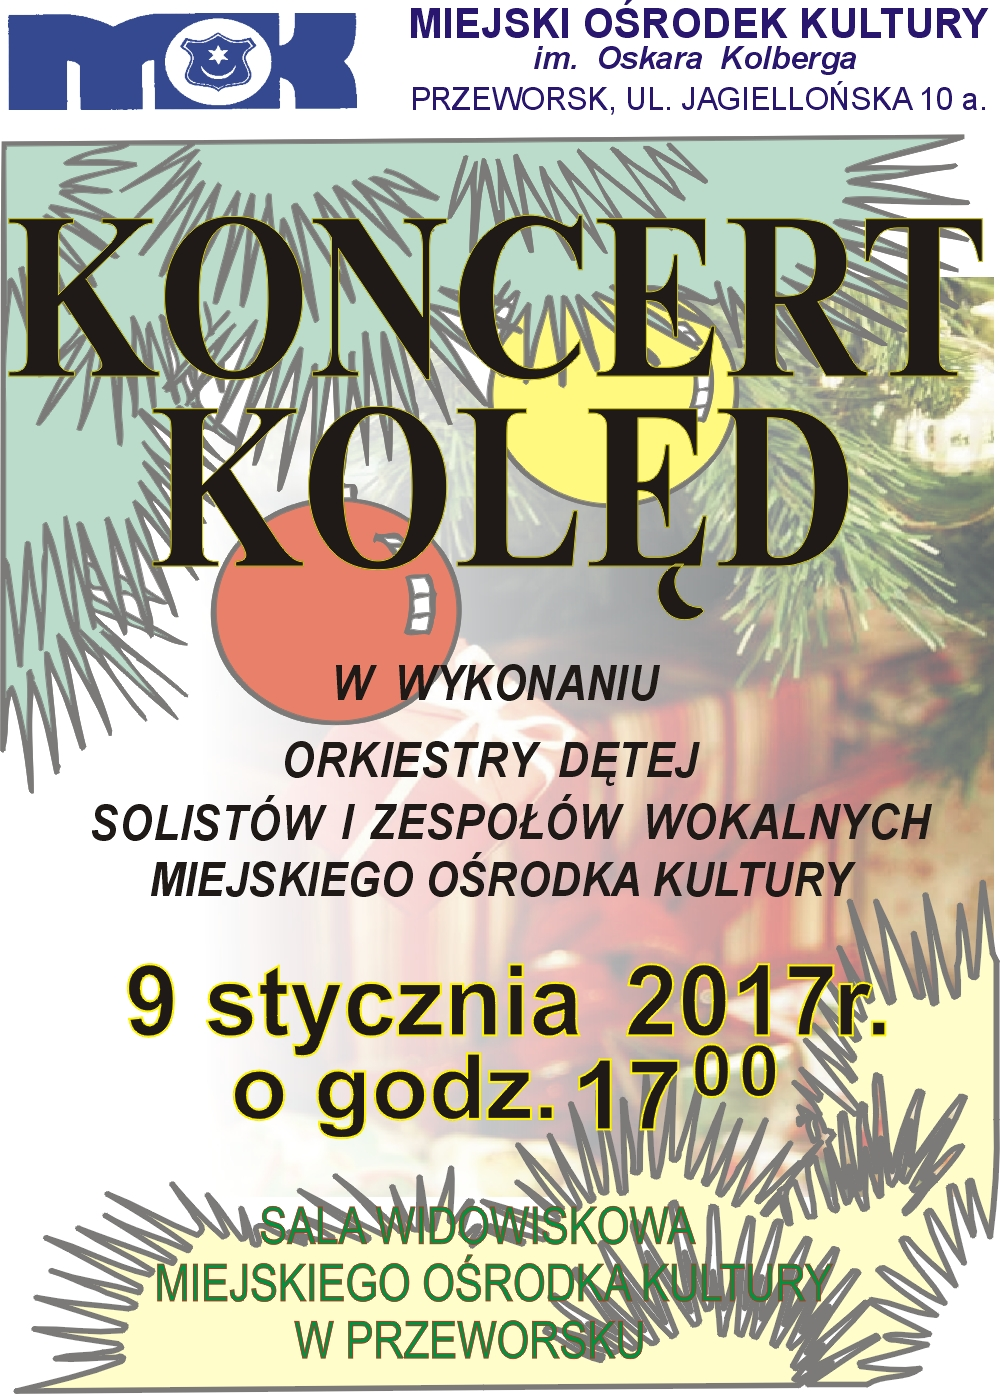 koncert-koled-2017